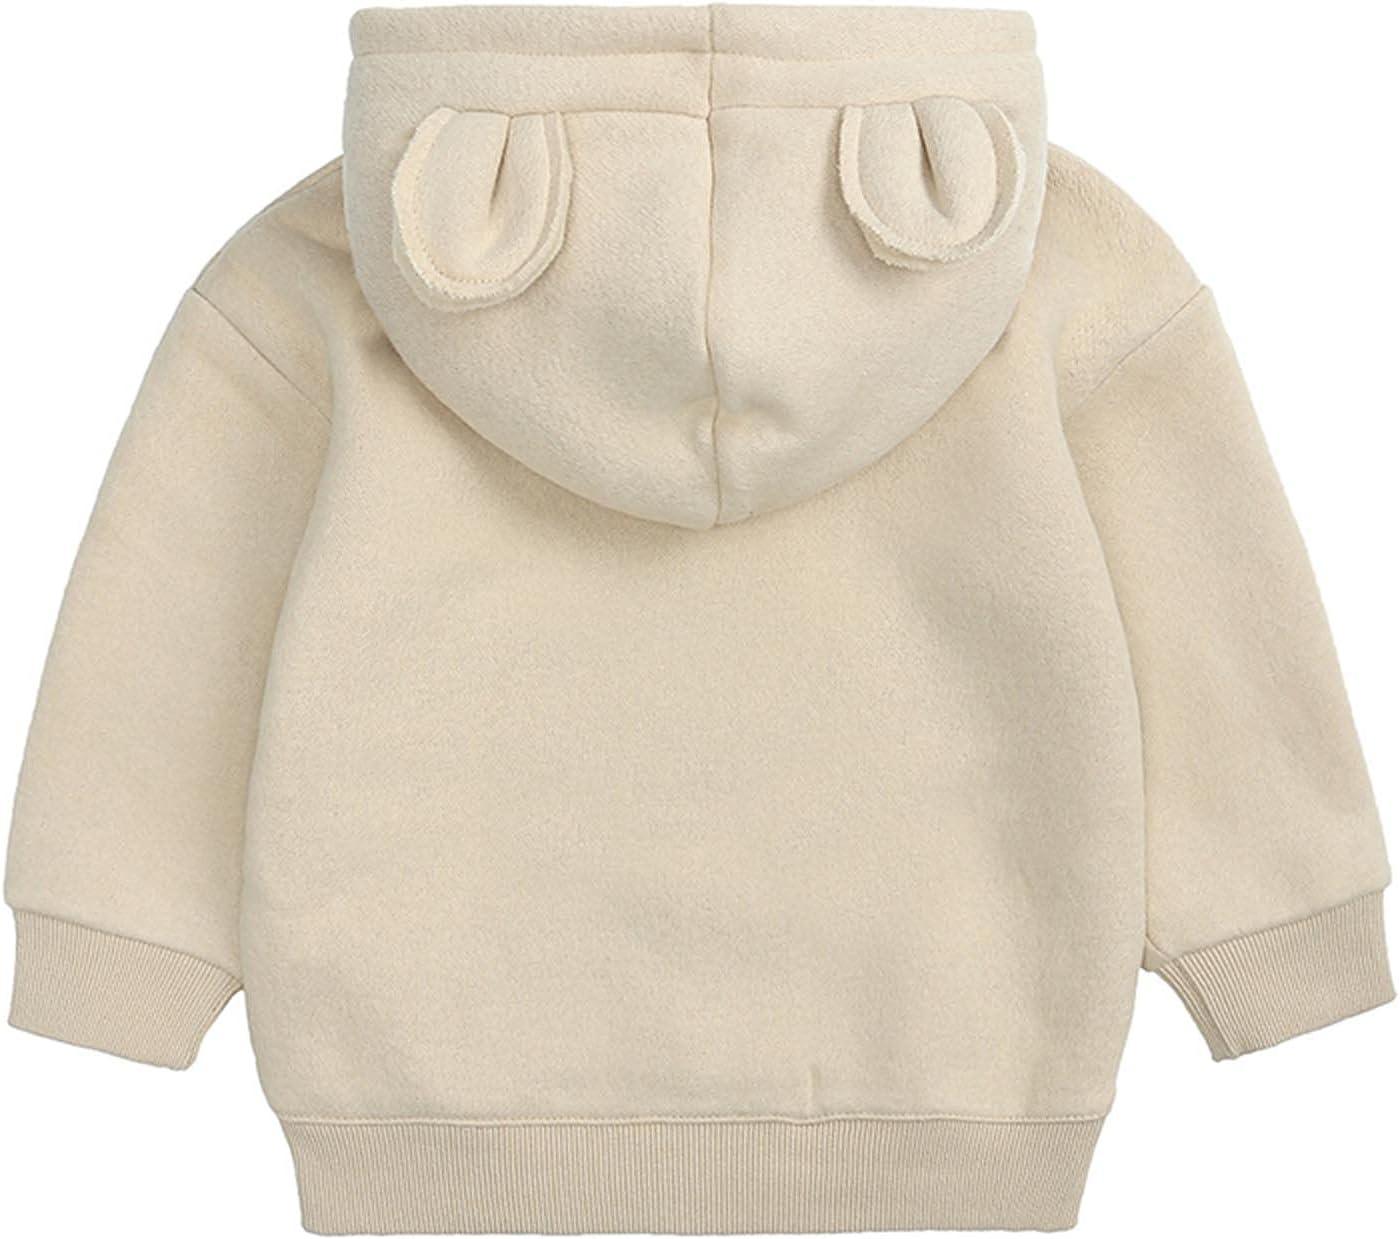 lkoezi Kids Hoodies-Big Children's Coats, Bear Ears Sweaters, Fleece Solid Color Tops Hoody Children Pullover Outerwear